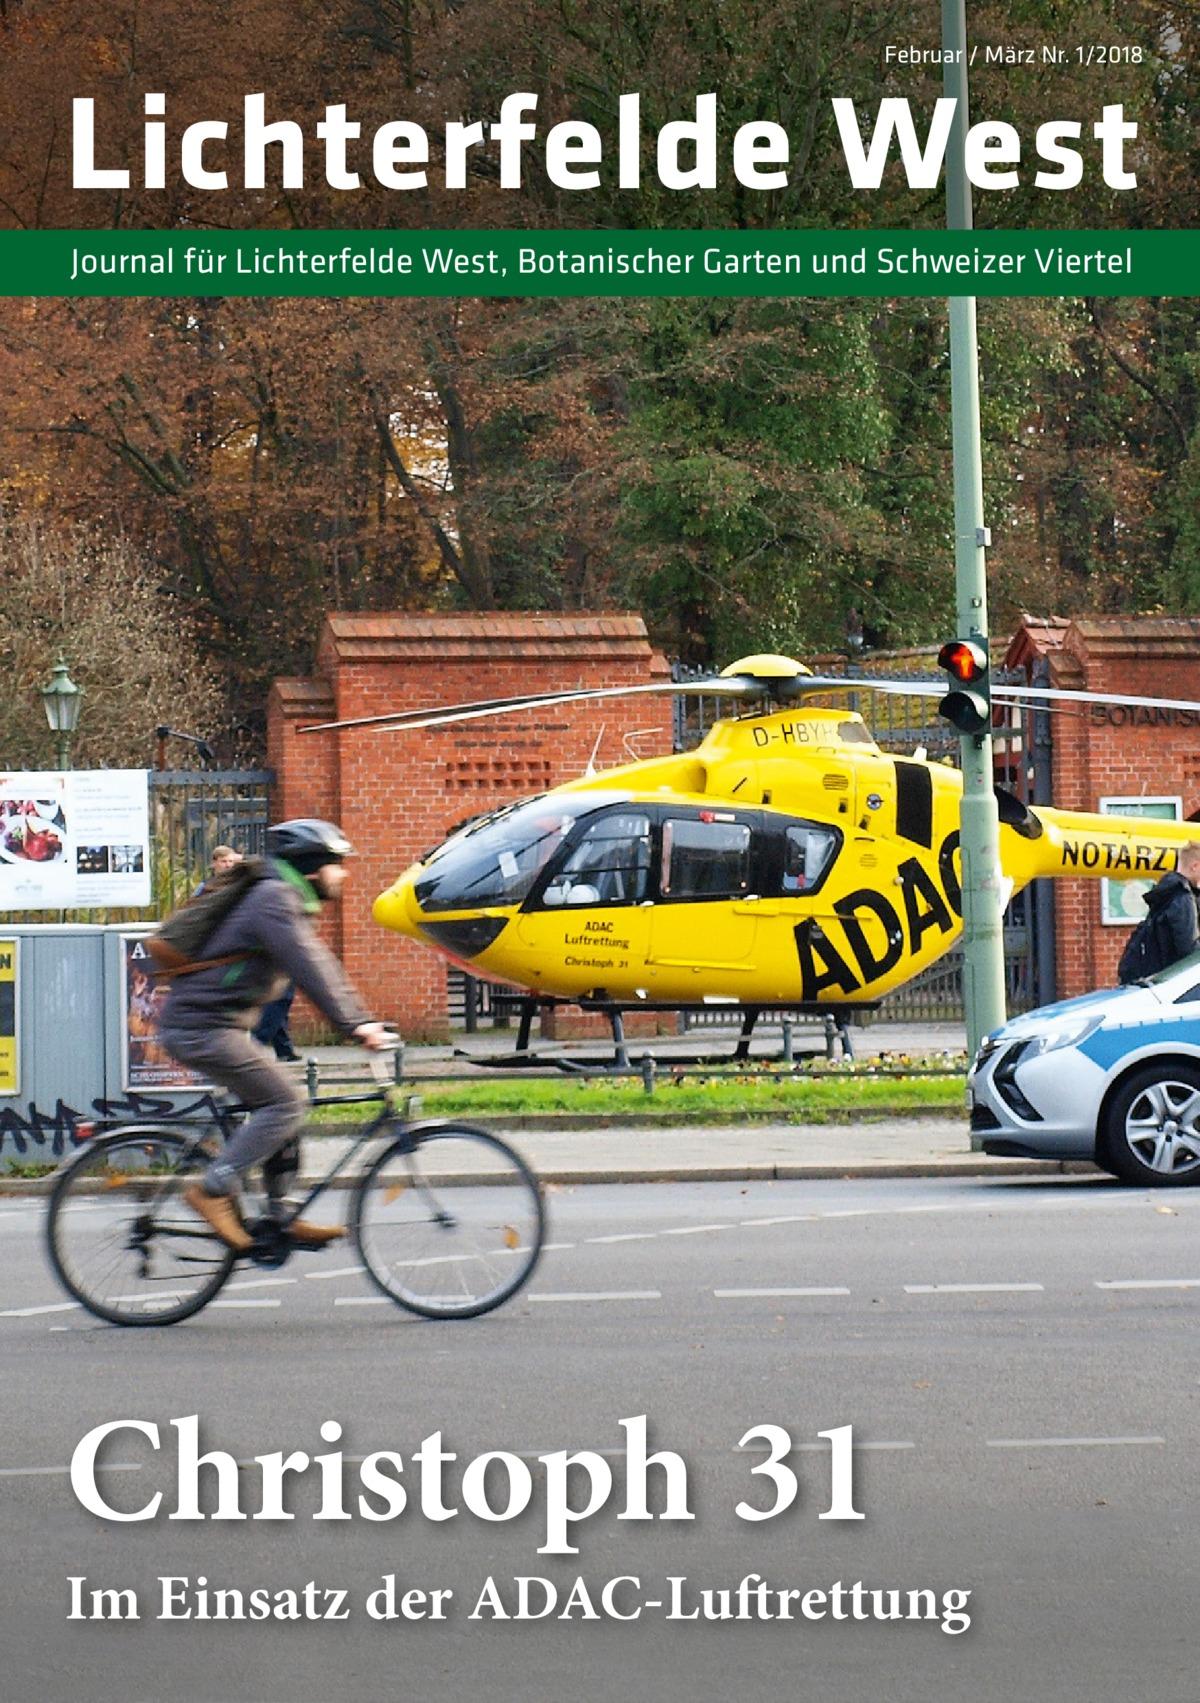 Februar / März Nr. 1/2018  Lichterfelde West Journal für Lichterfelde West, Botanischer Garten und Schweizer Viertel  Christoph 31  Im Einsatz der ADAC-Luftrettung